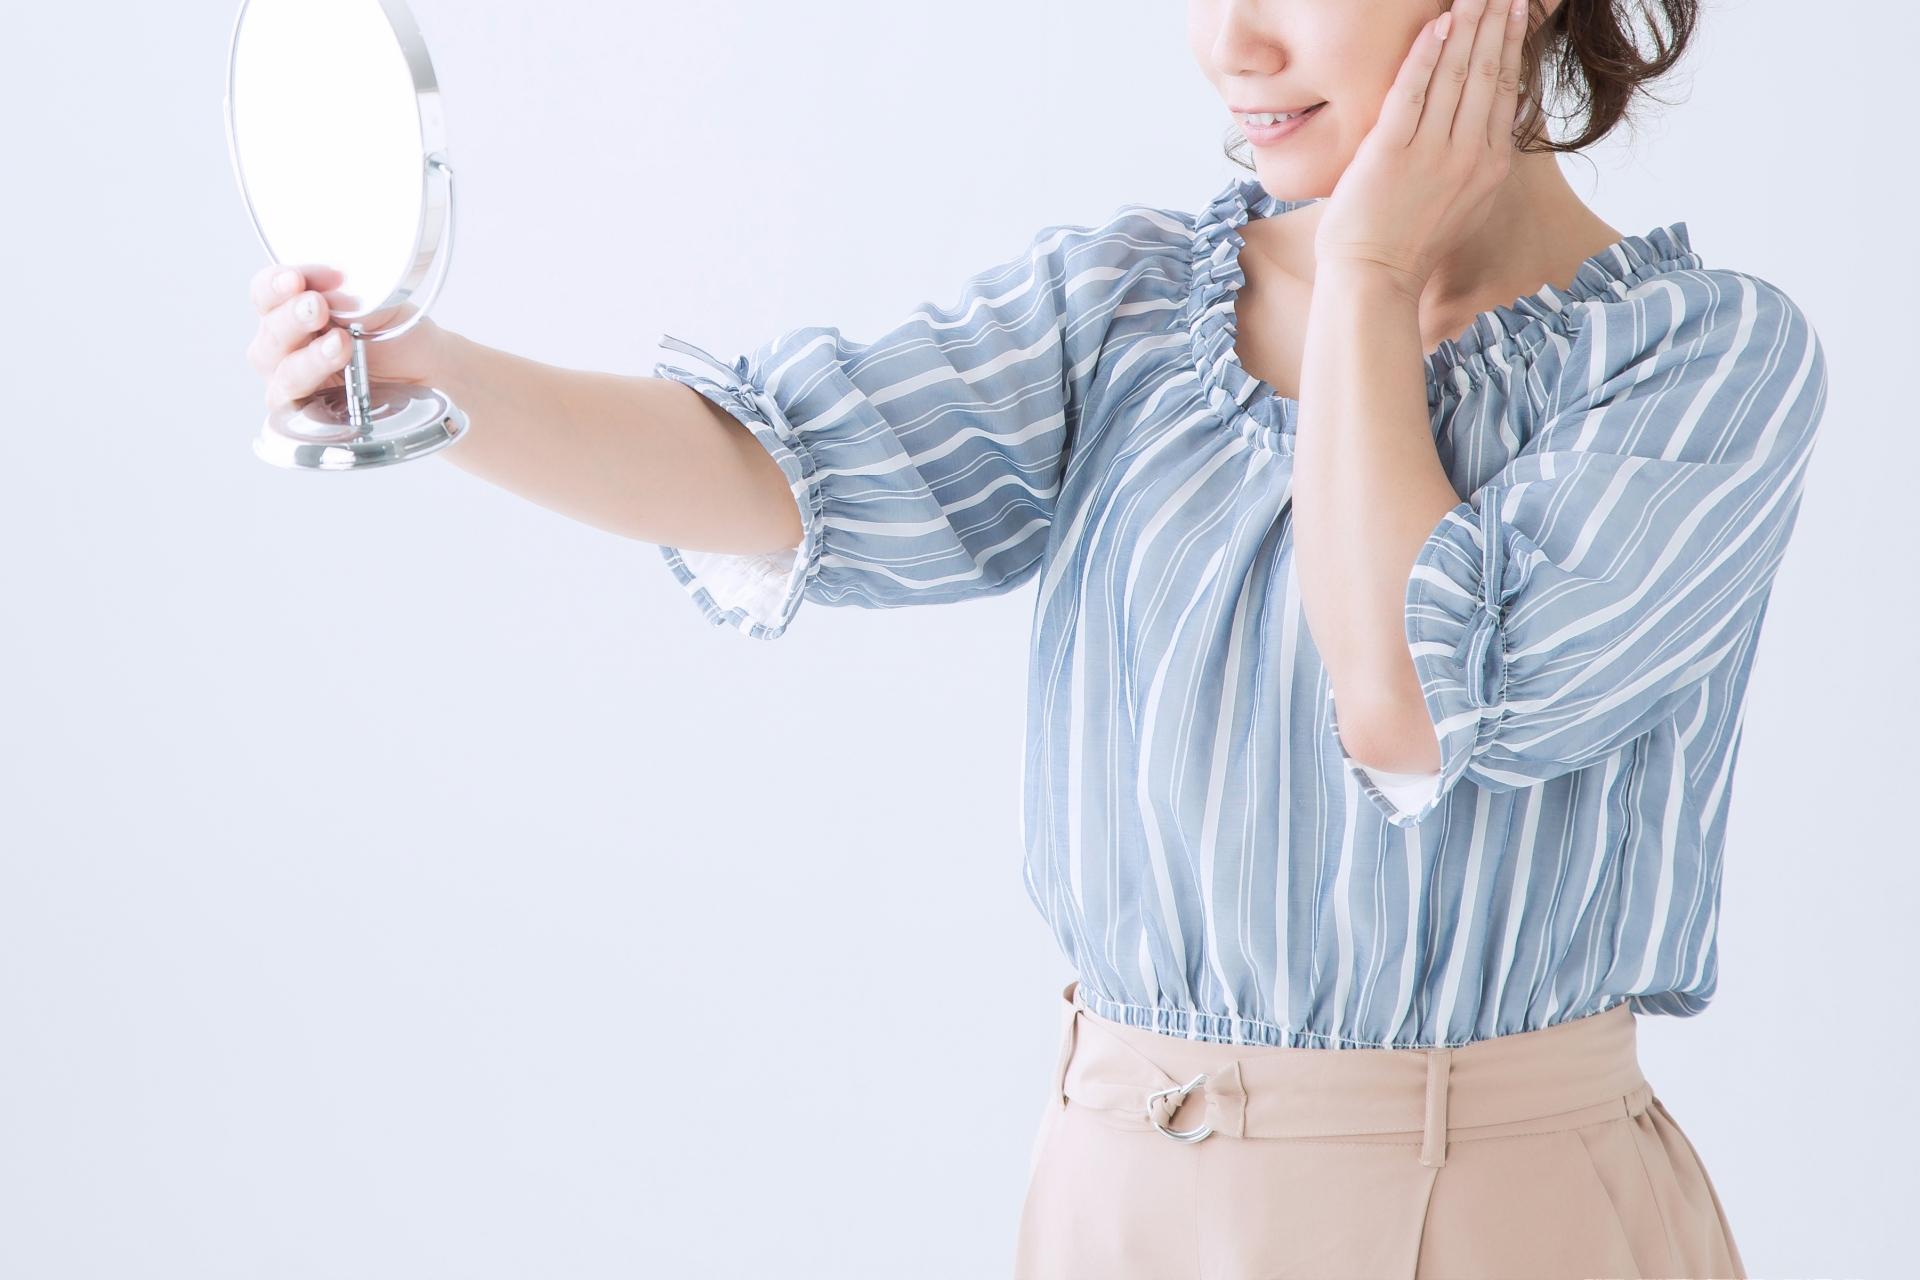 手鏡を見て実感する女性